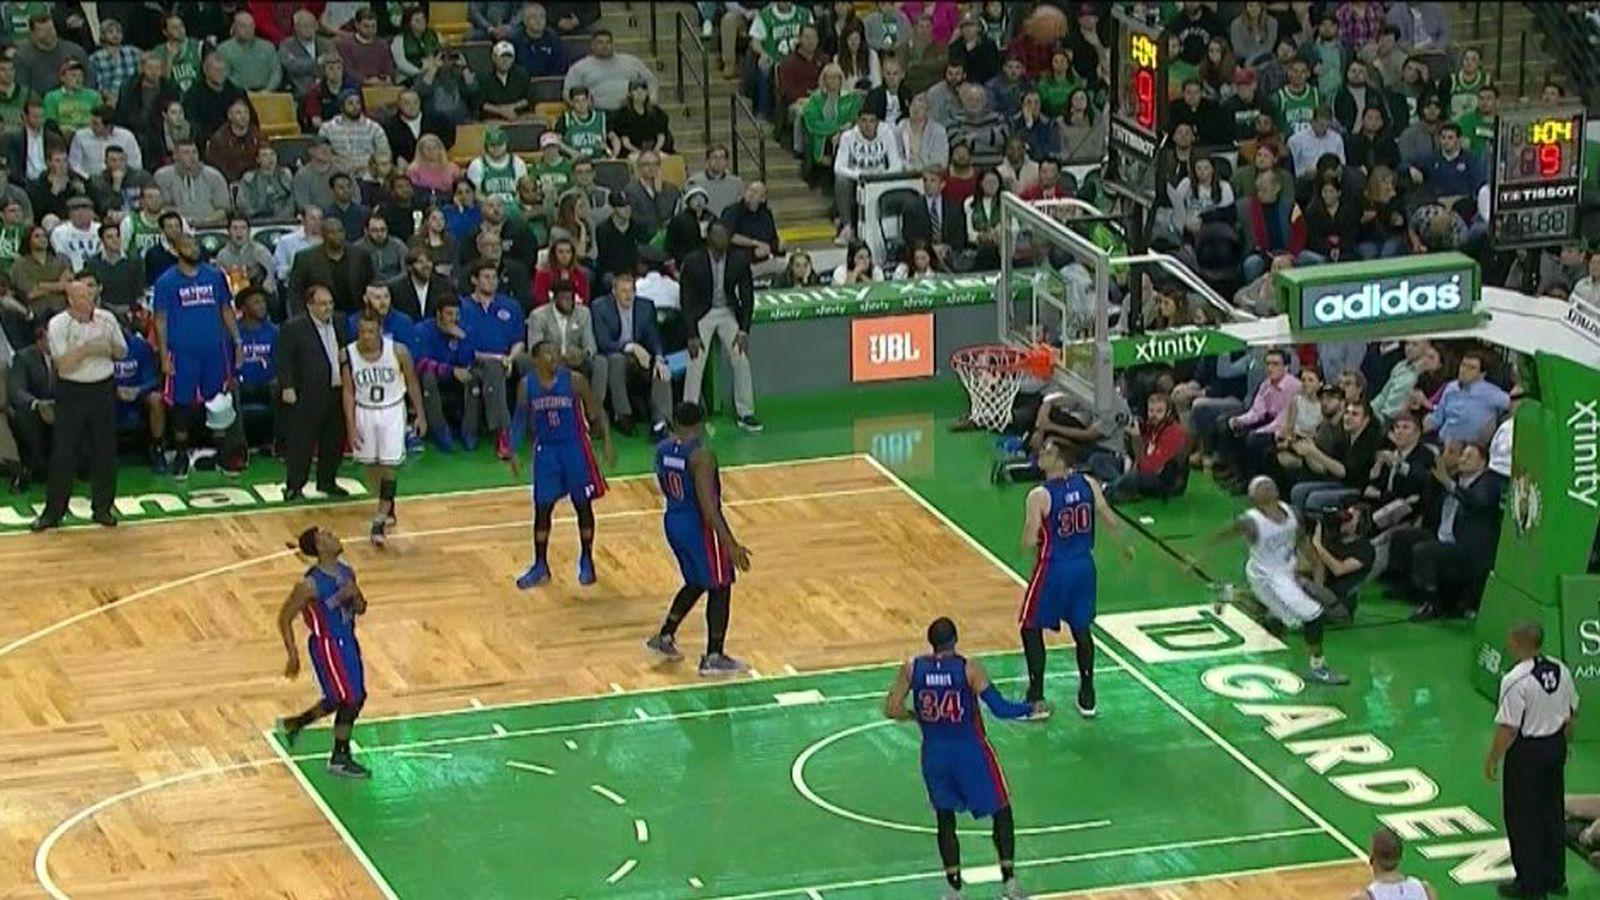 以赛亚托马斯在篮板后面射出一记荒谬的技巧